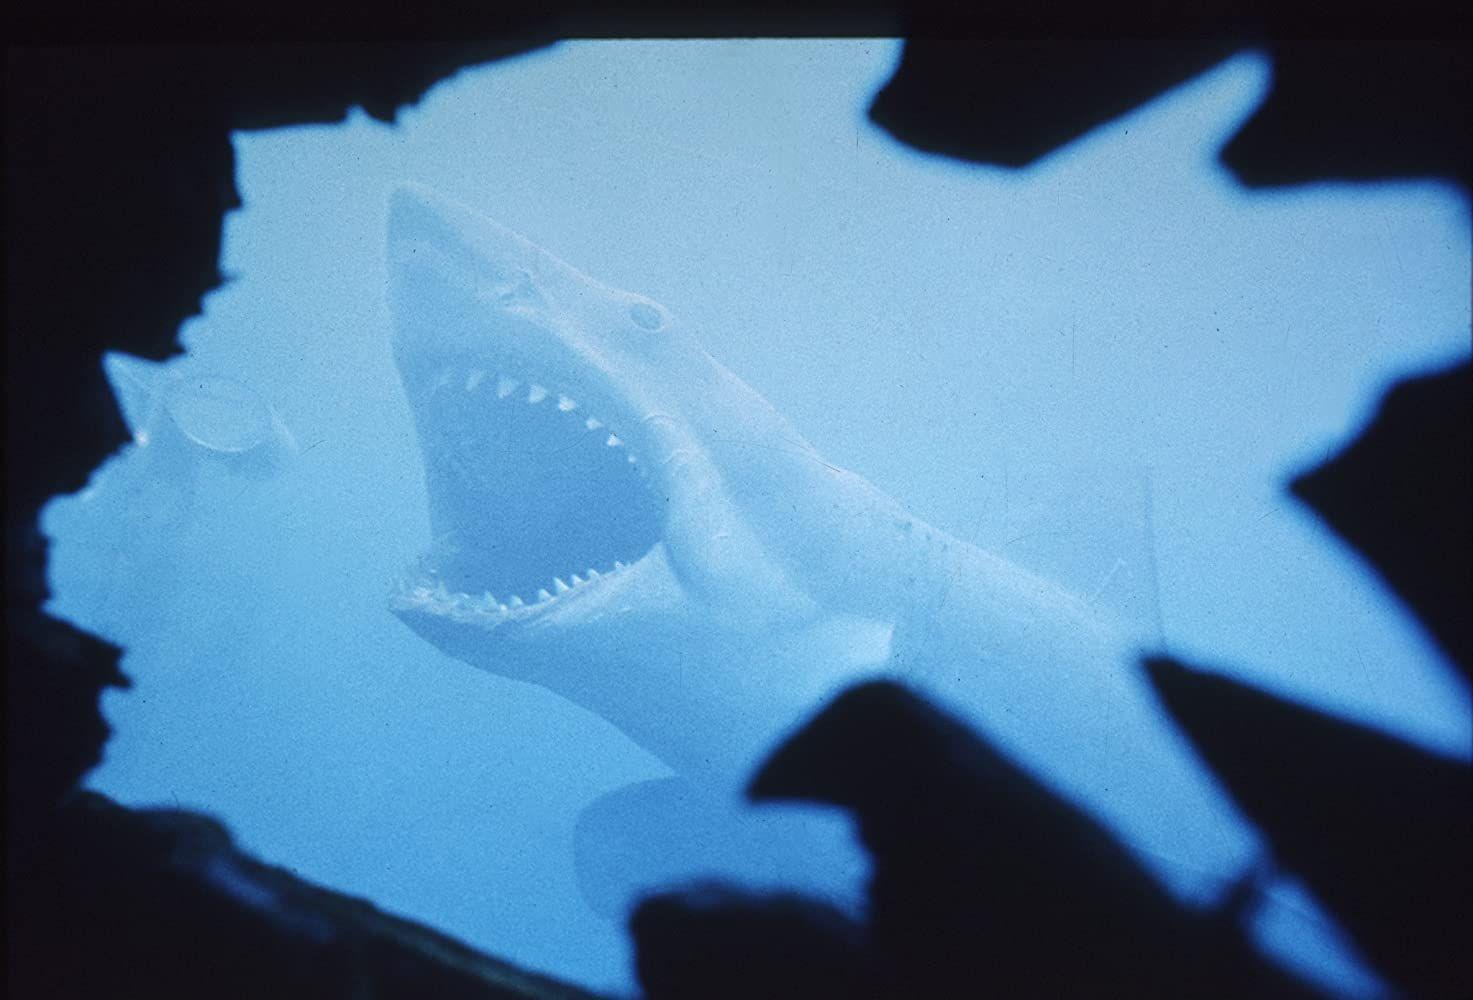 Фильм «Челюсти» режиссера Стивена Спилберга. Фото: imdb.com